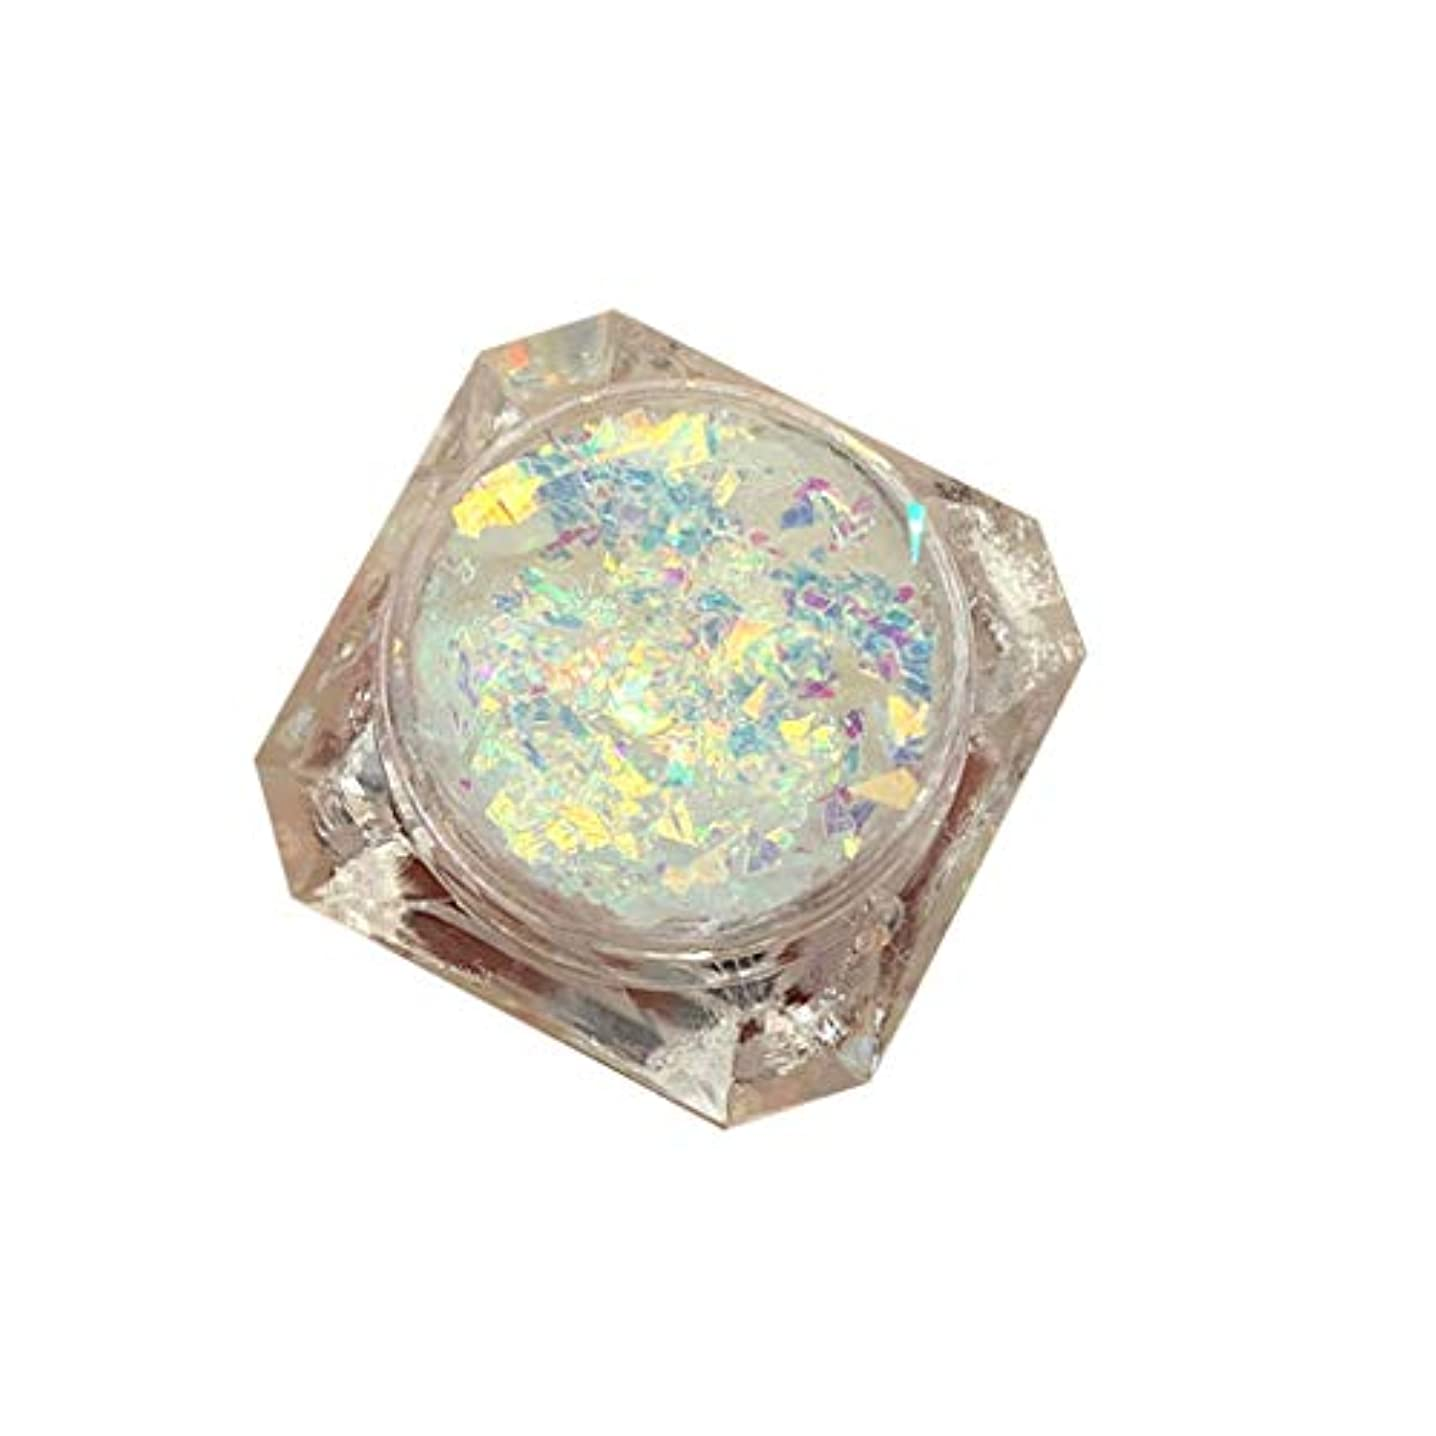 葉を拾う閉塞固執GOOD lask 接着剤フリーのスパンコール混合ゲルジェルクリーム真珠光沢のある高光沢グリッターグリッターアイパウダールースパウダージェルシャドウセット (N)